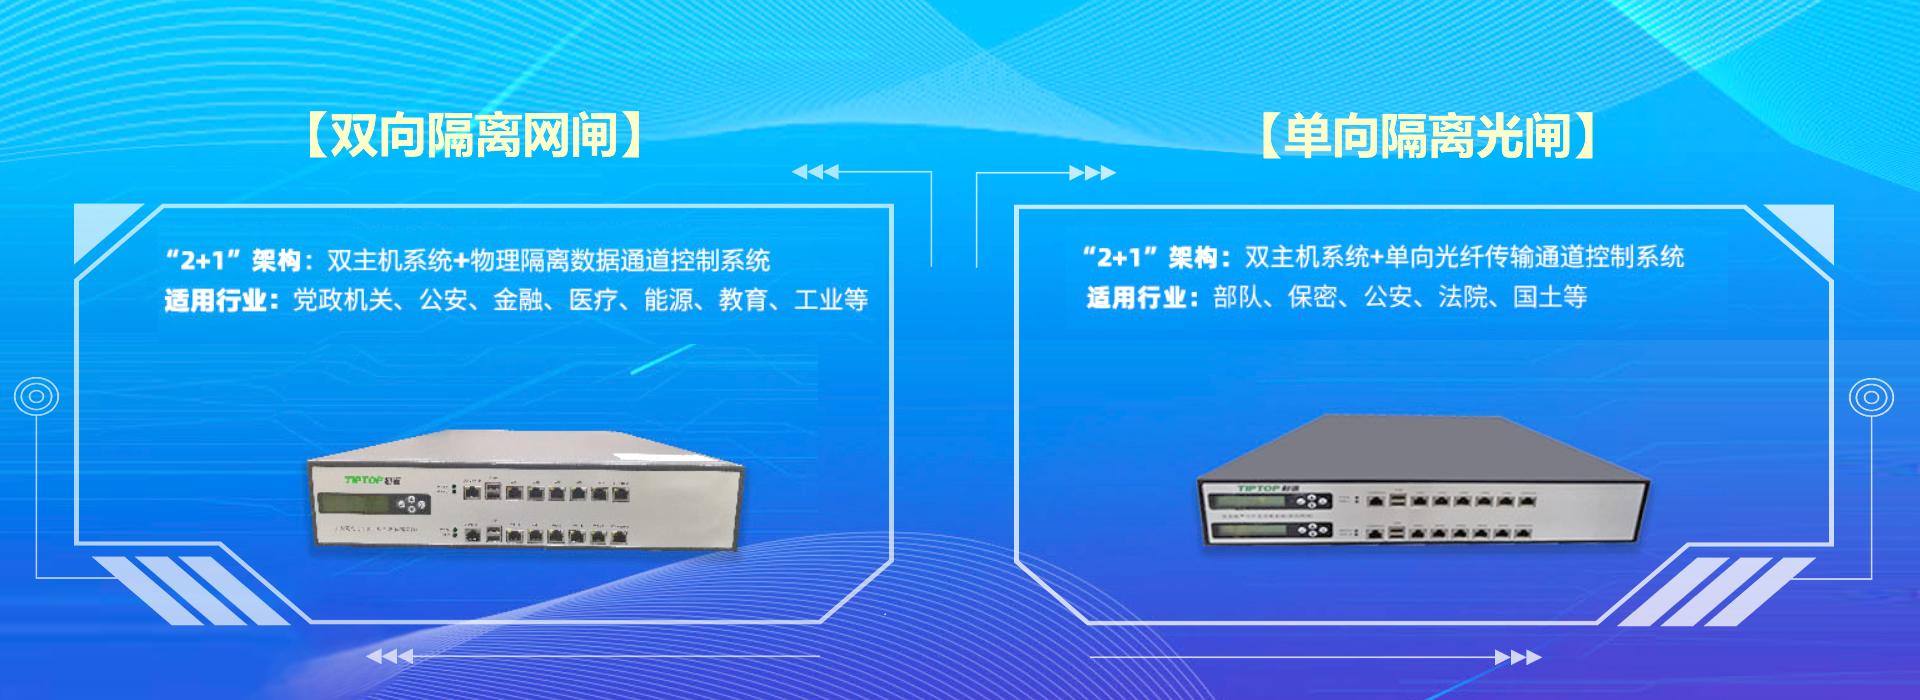 深圳双向隔离网闸